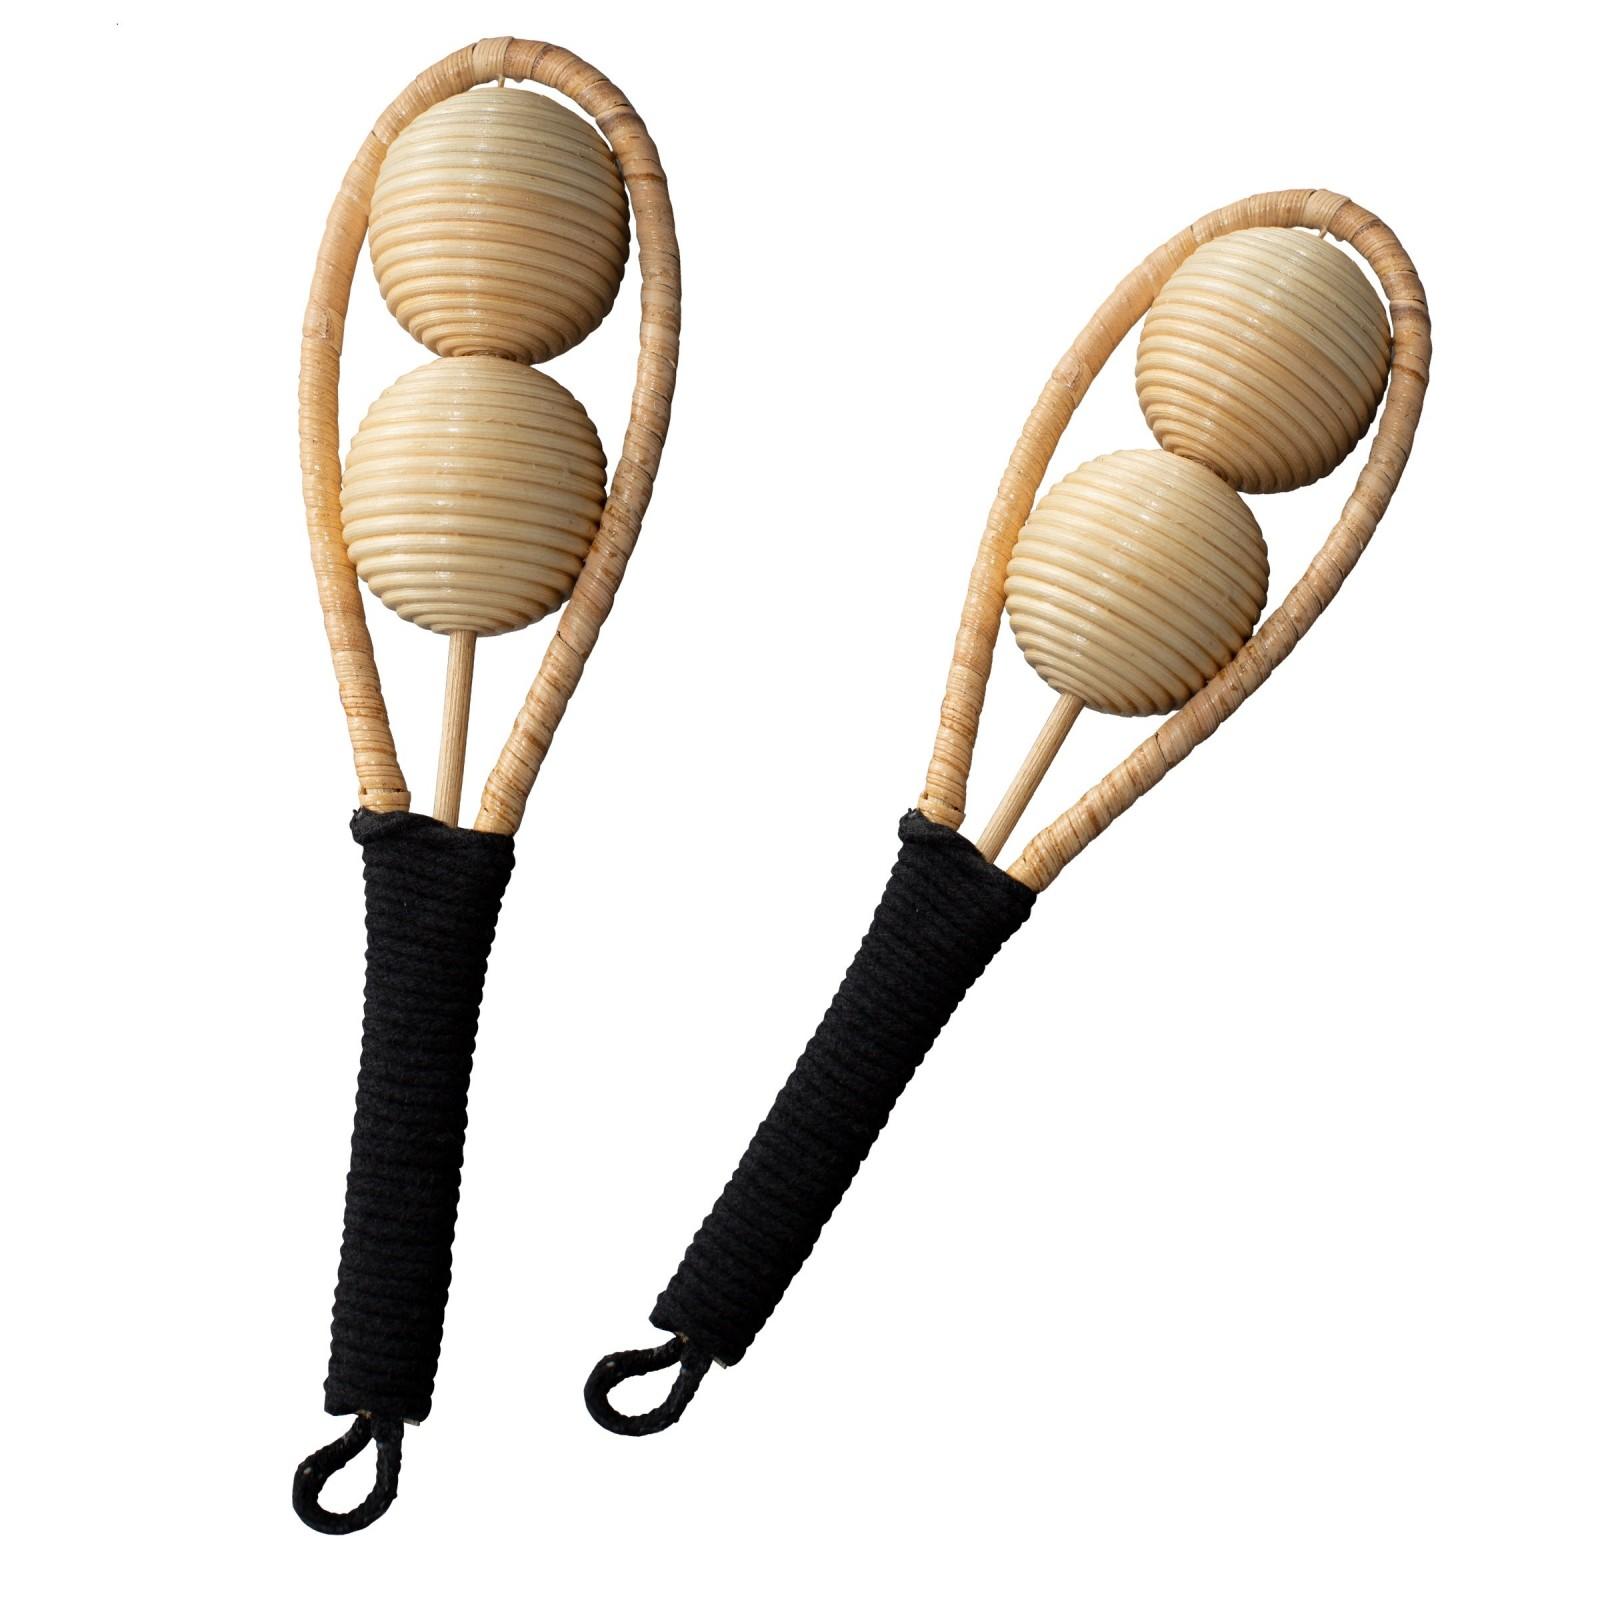 Set shaker in bambù - percussioni manuali - strumento musicale per bambini - leggero - 26 cm